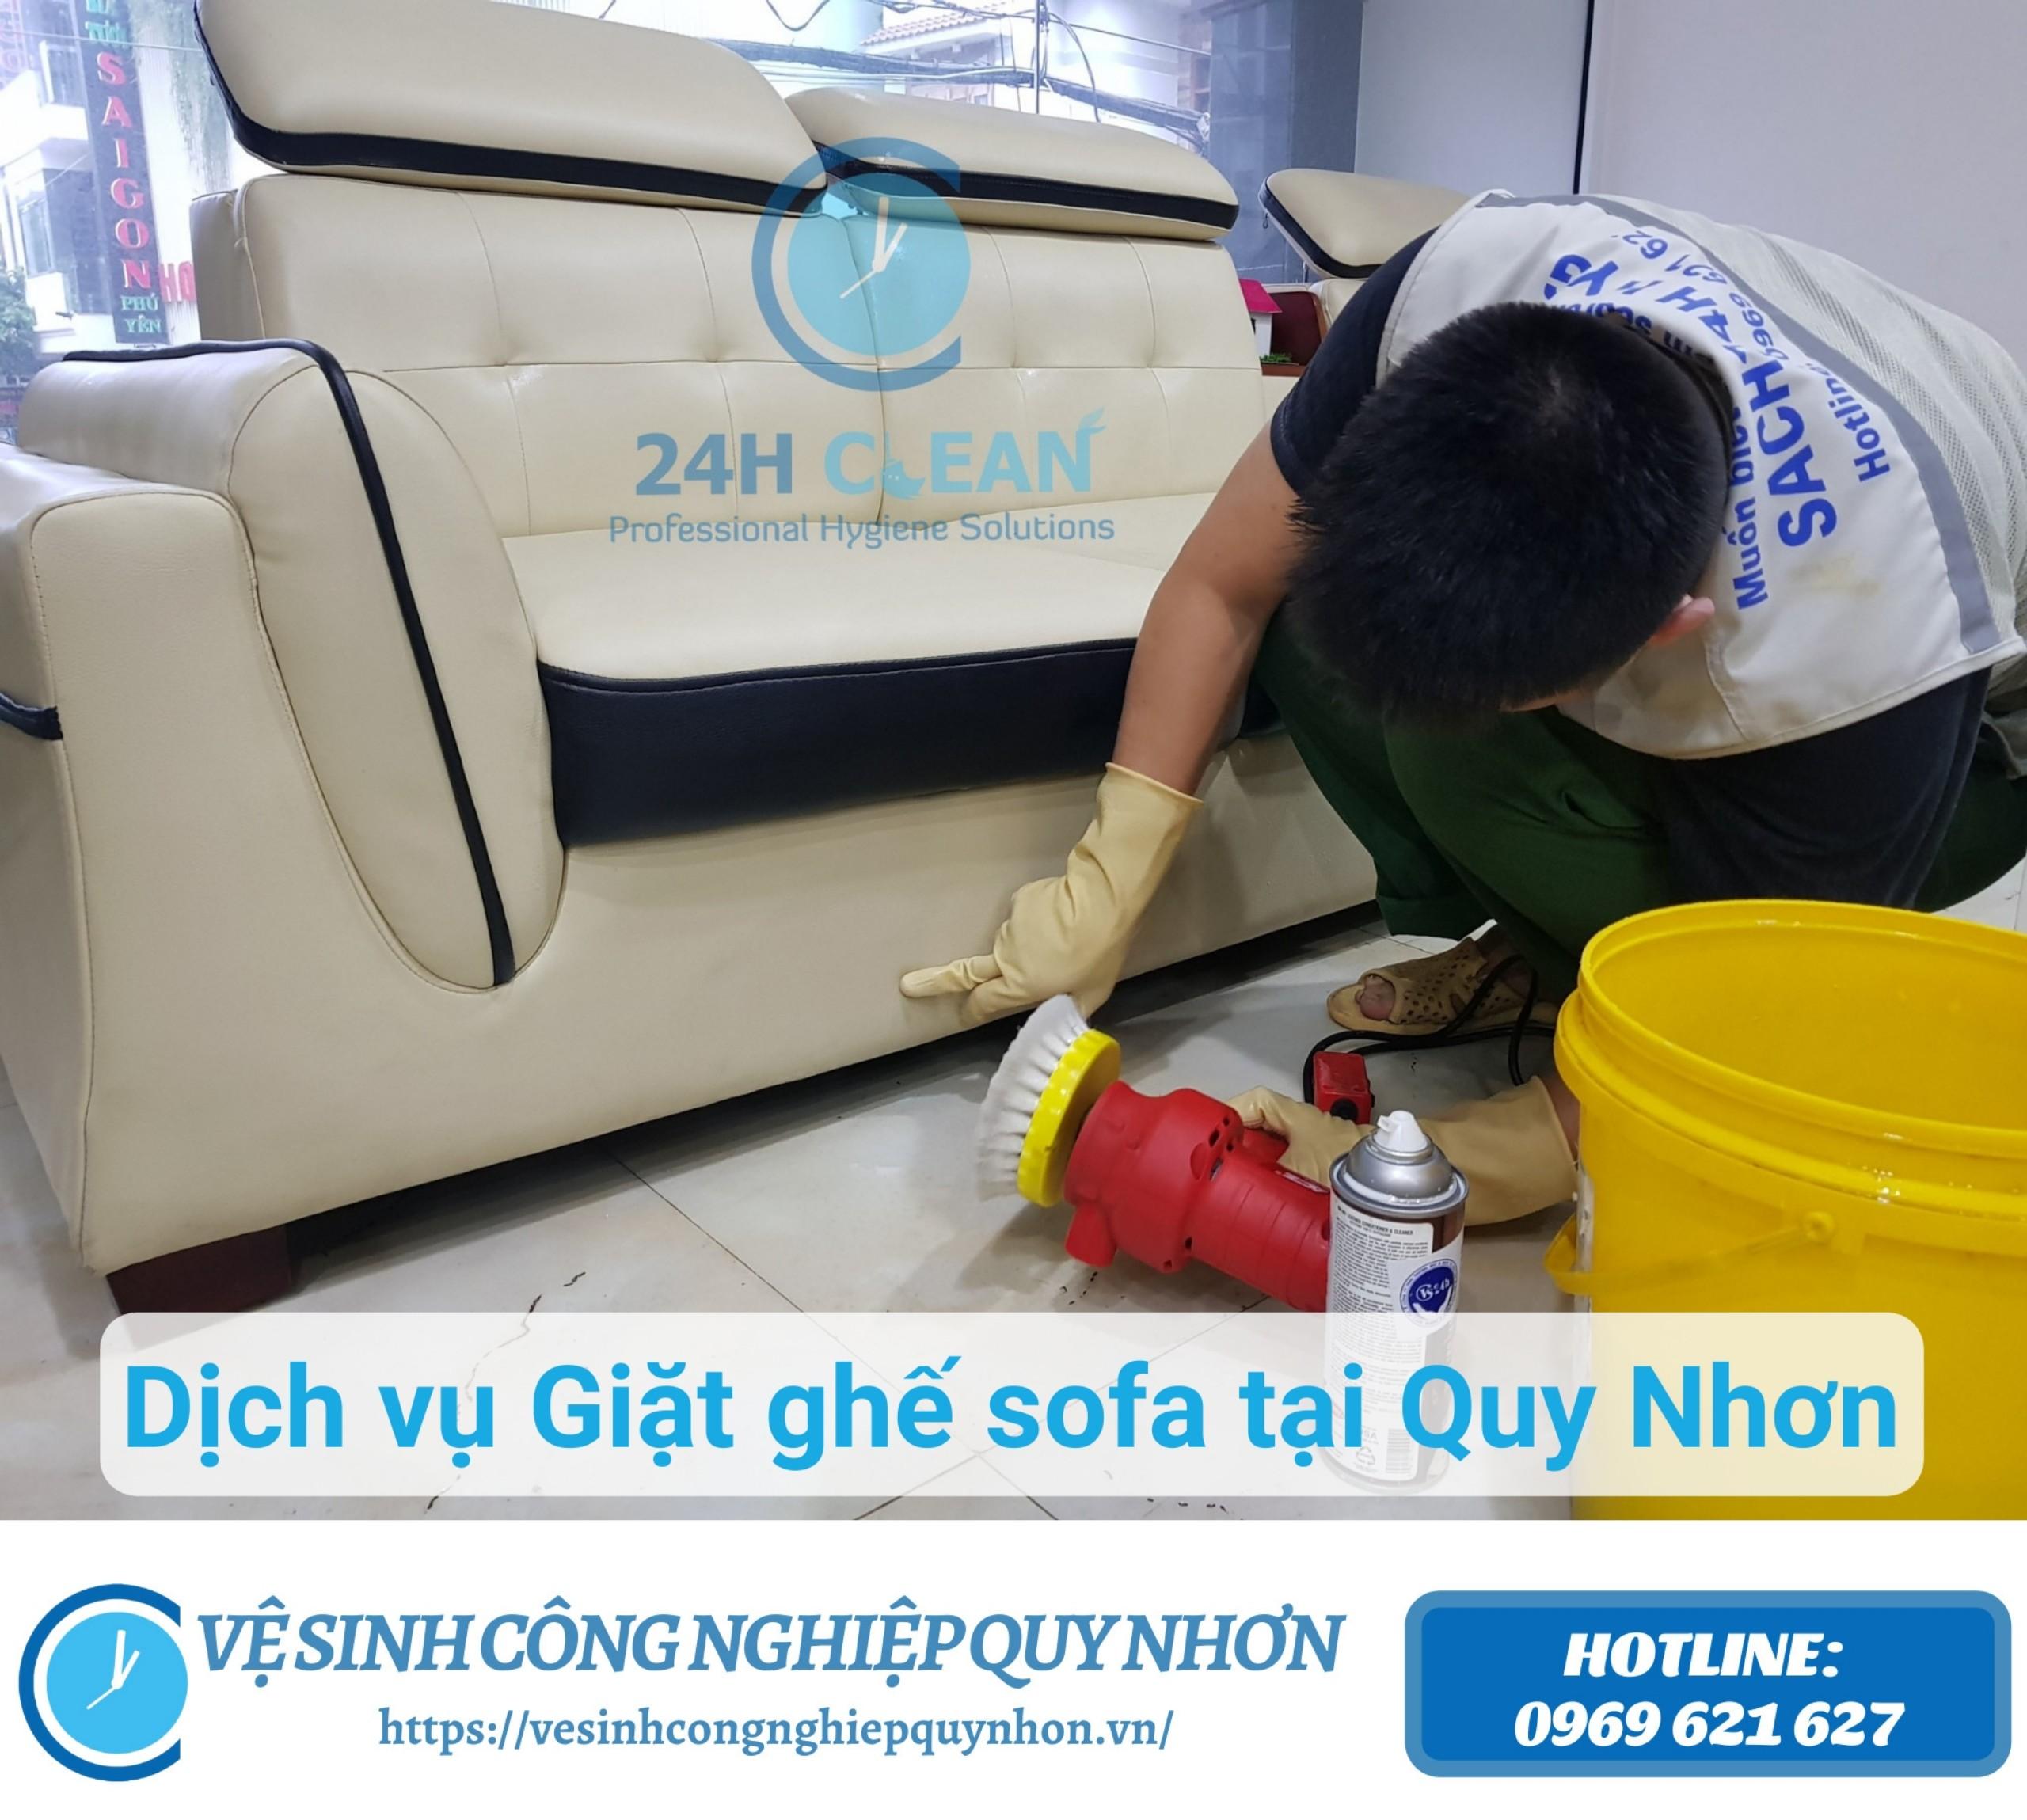 Dịch vụ giặt ghế sofa Quy Nhơn